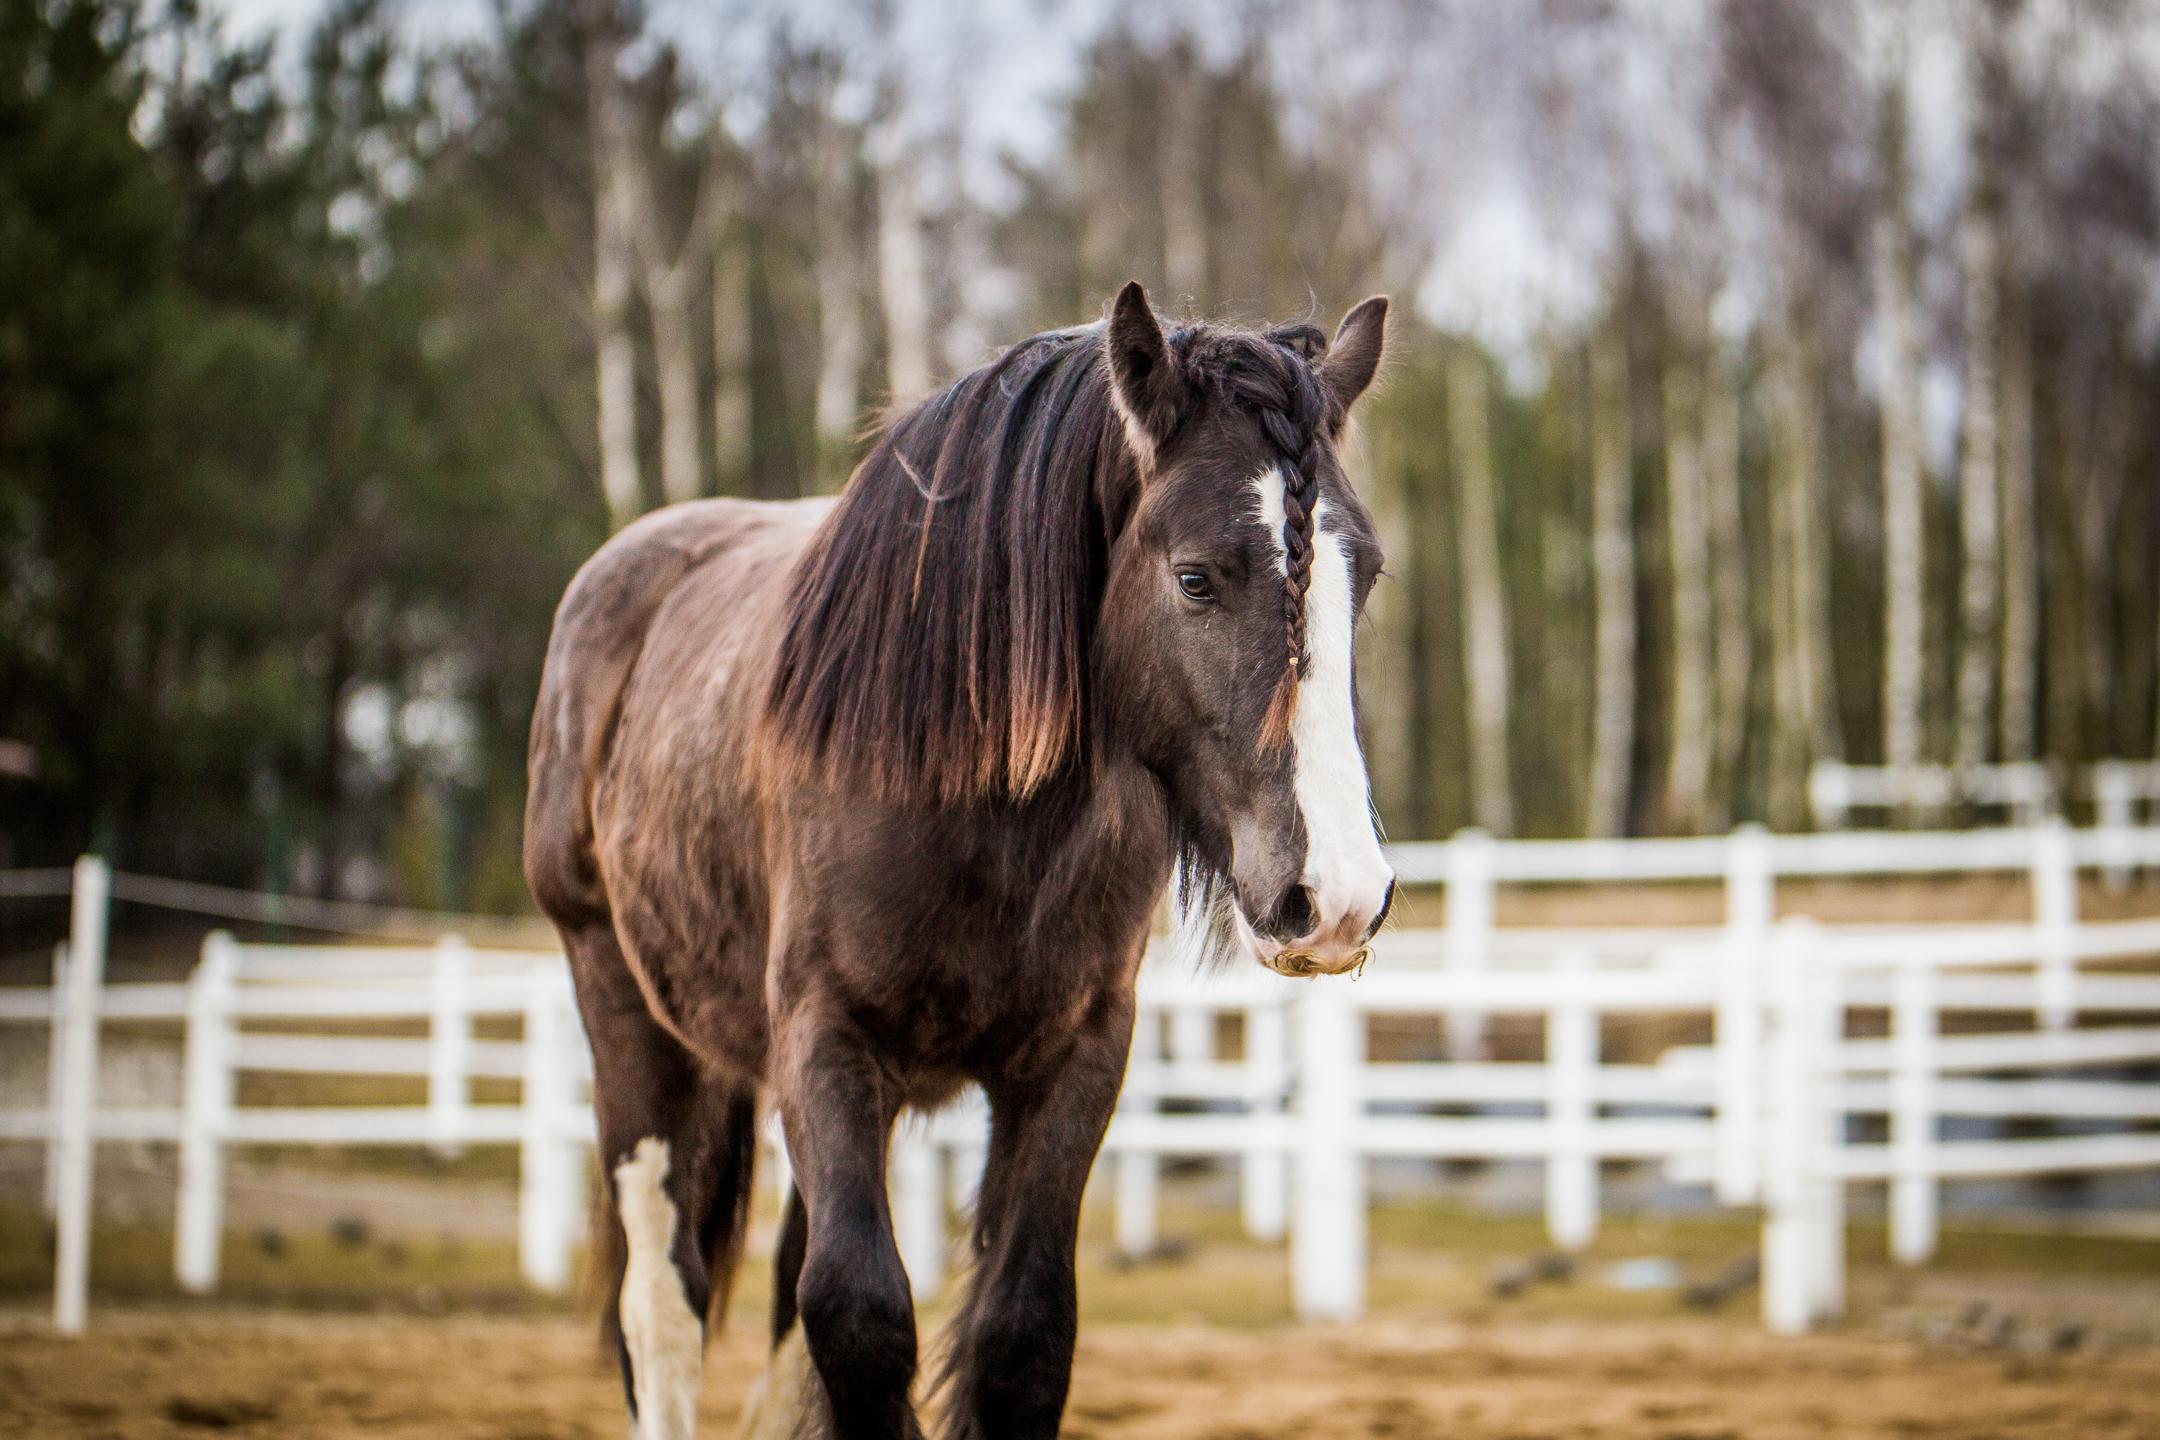 Jack - 19 months old colt